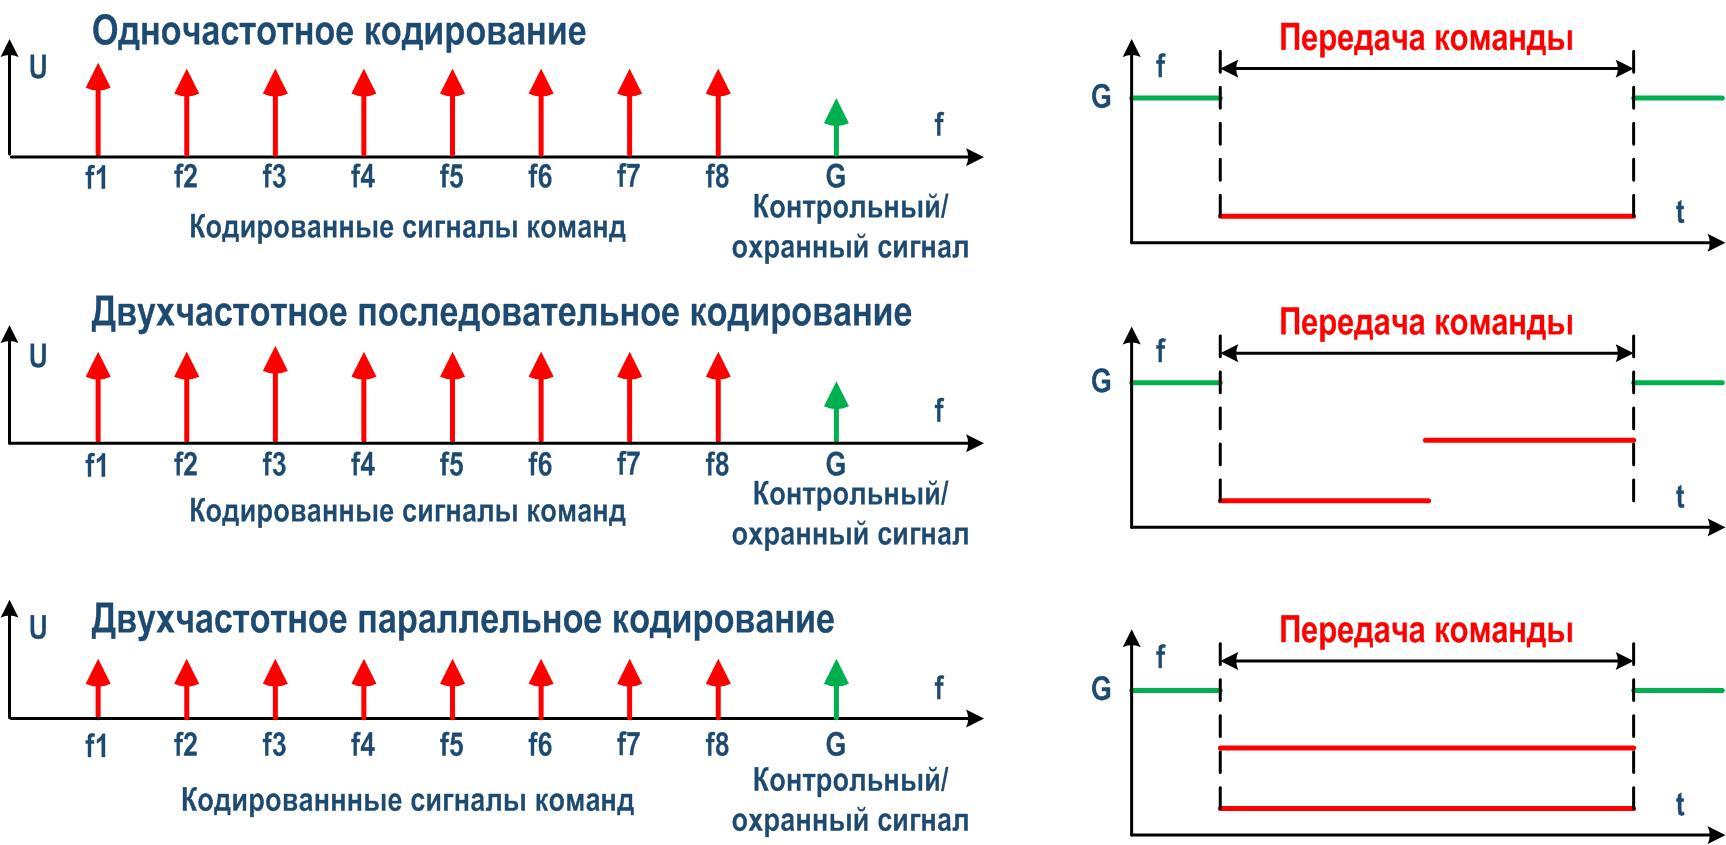 Кодированные ВЧ сигналы в УПАСК